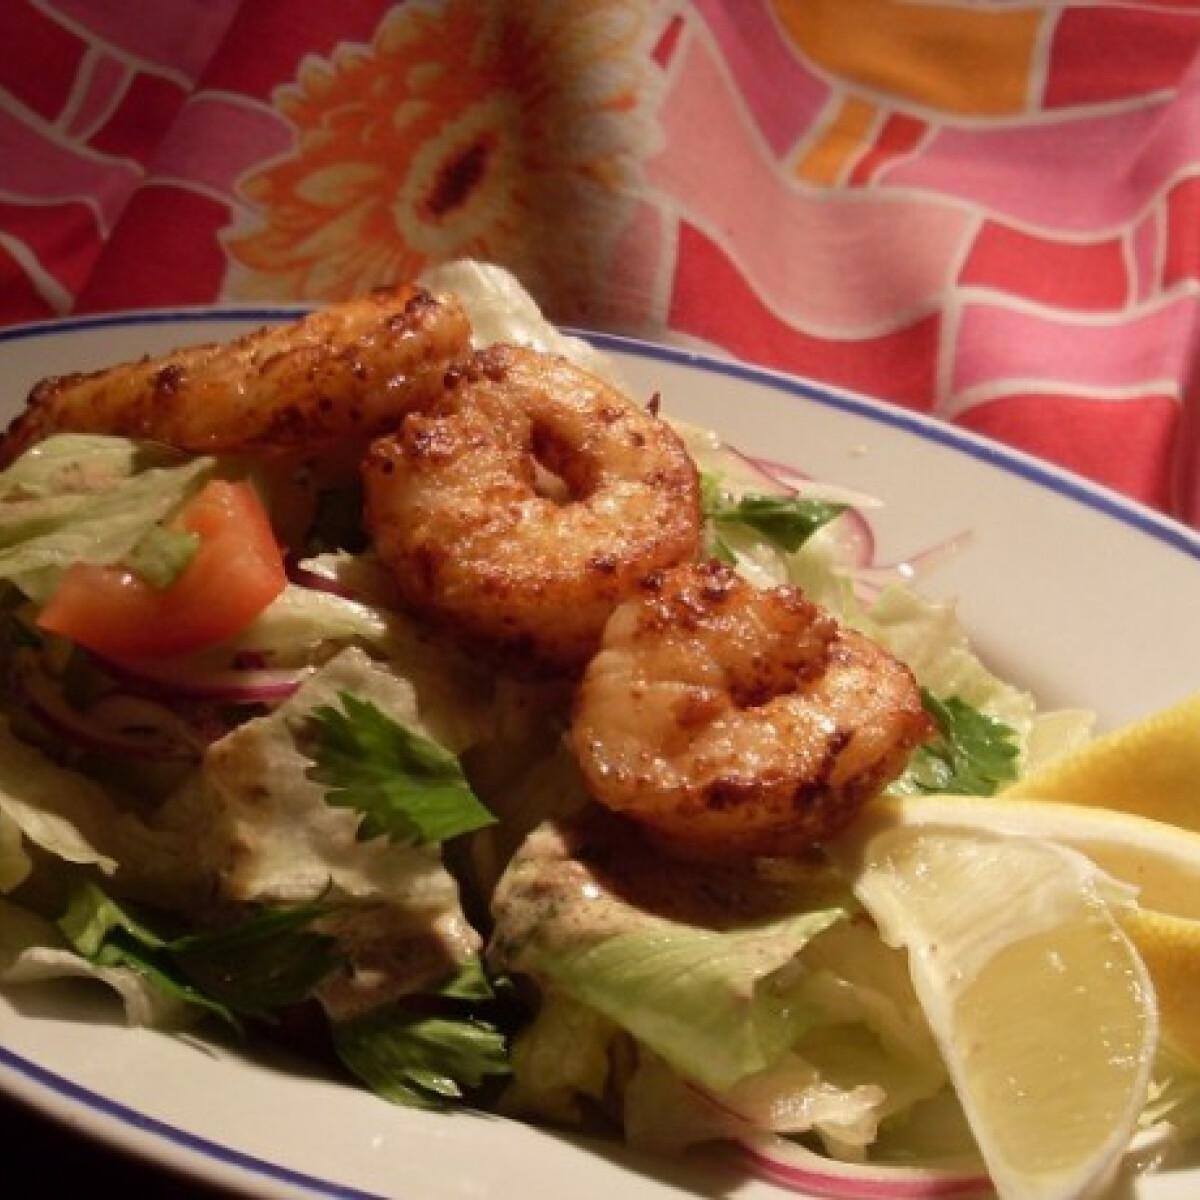 Ezen a képen: Fűszervajban sült királyrák kaporszószos salátával